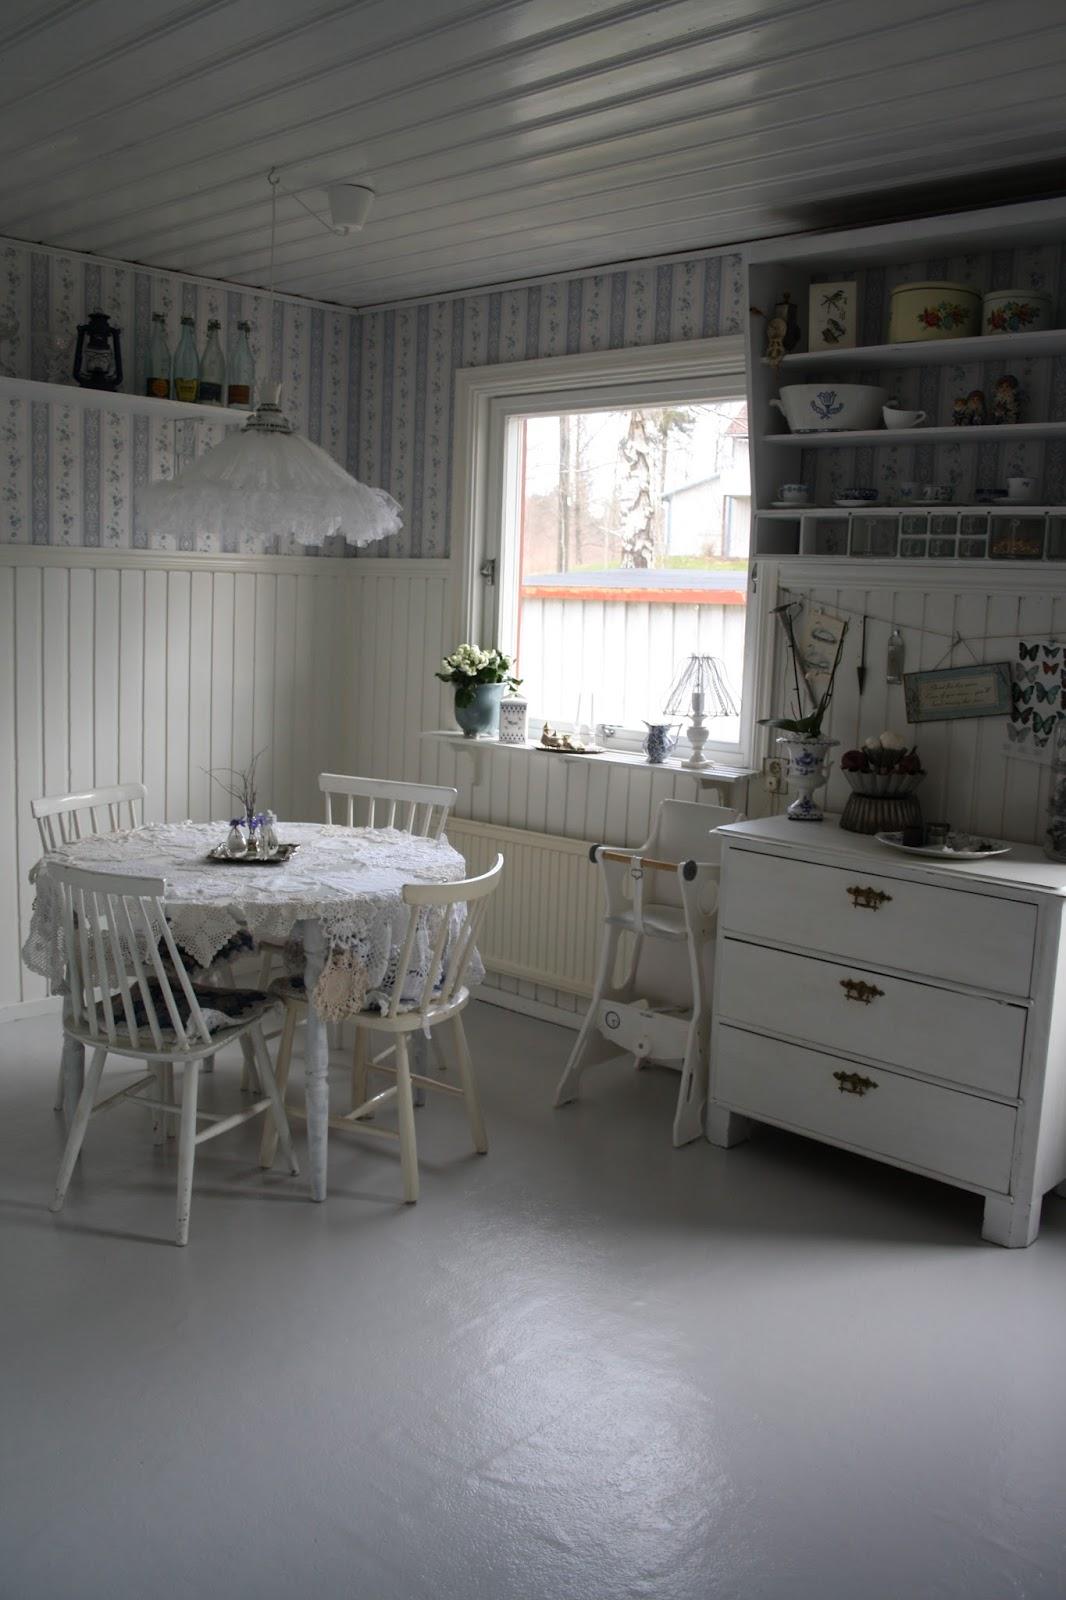 Choices by annie: ett loppisfynd tar plats och renoveringen av kök ...